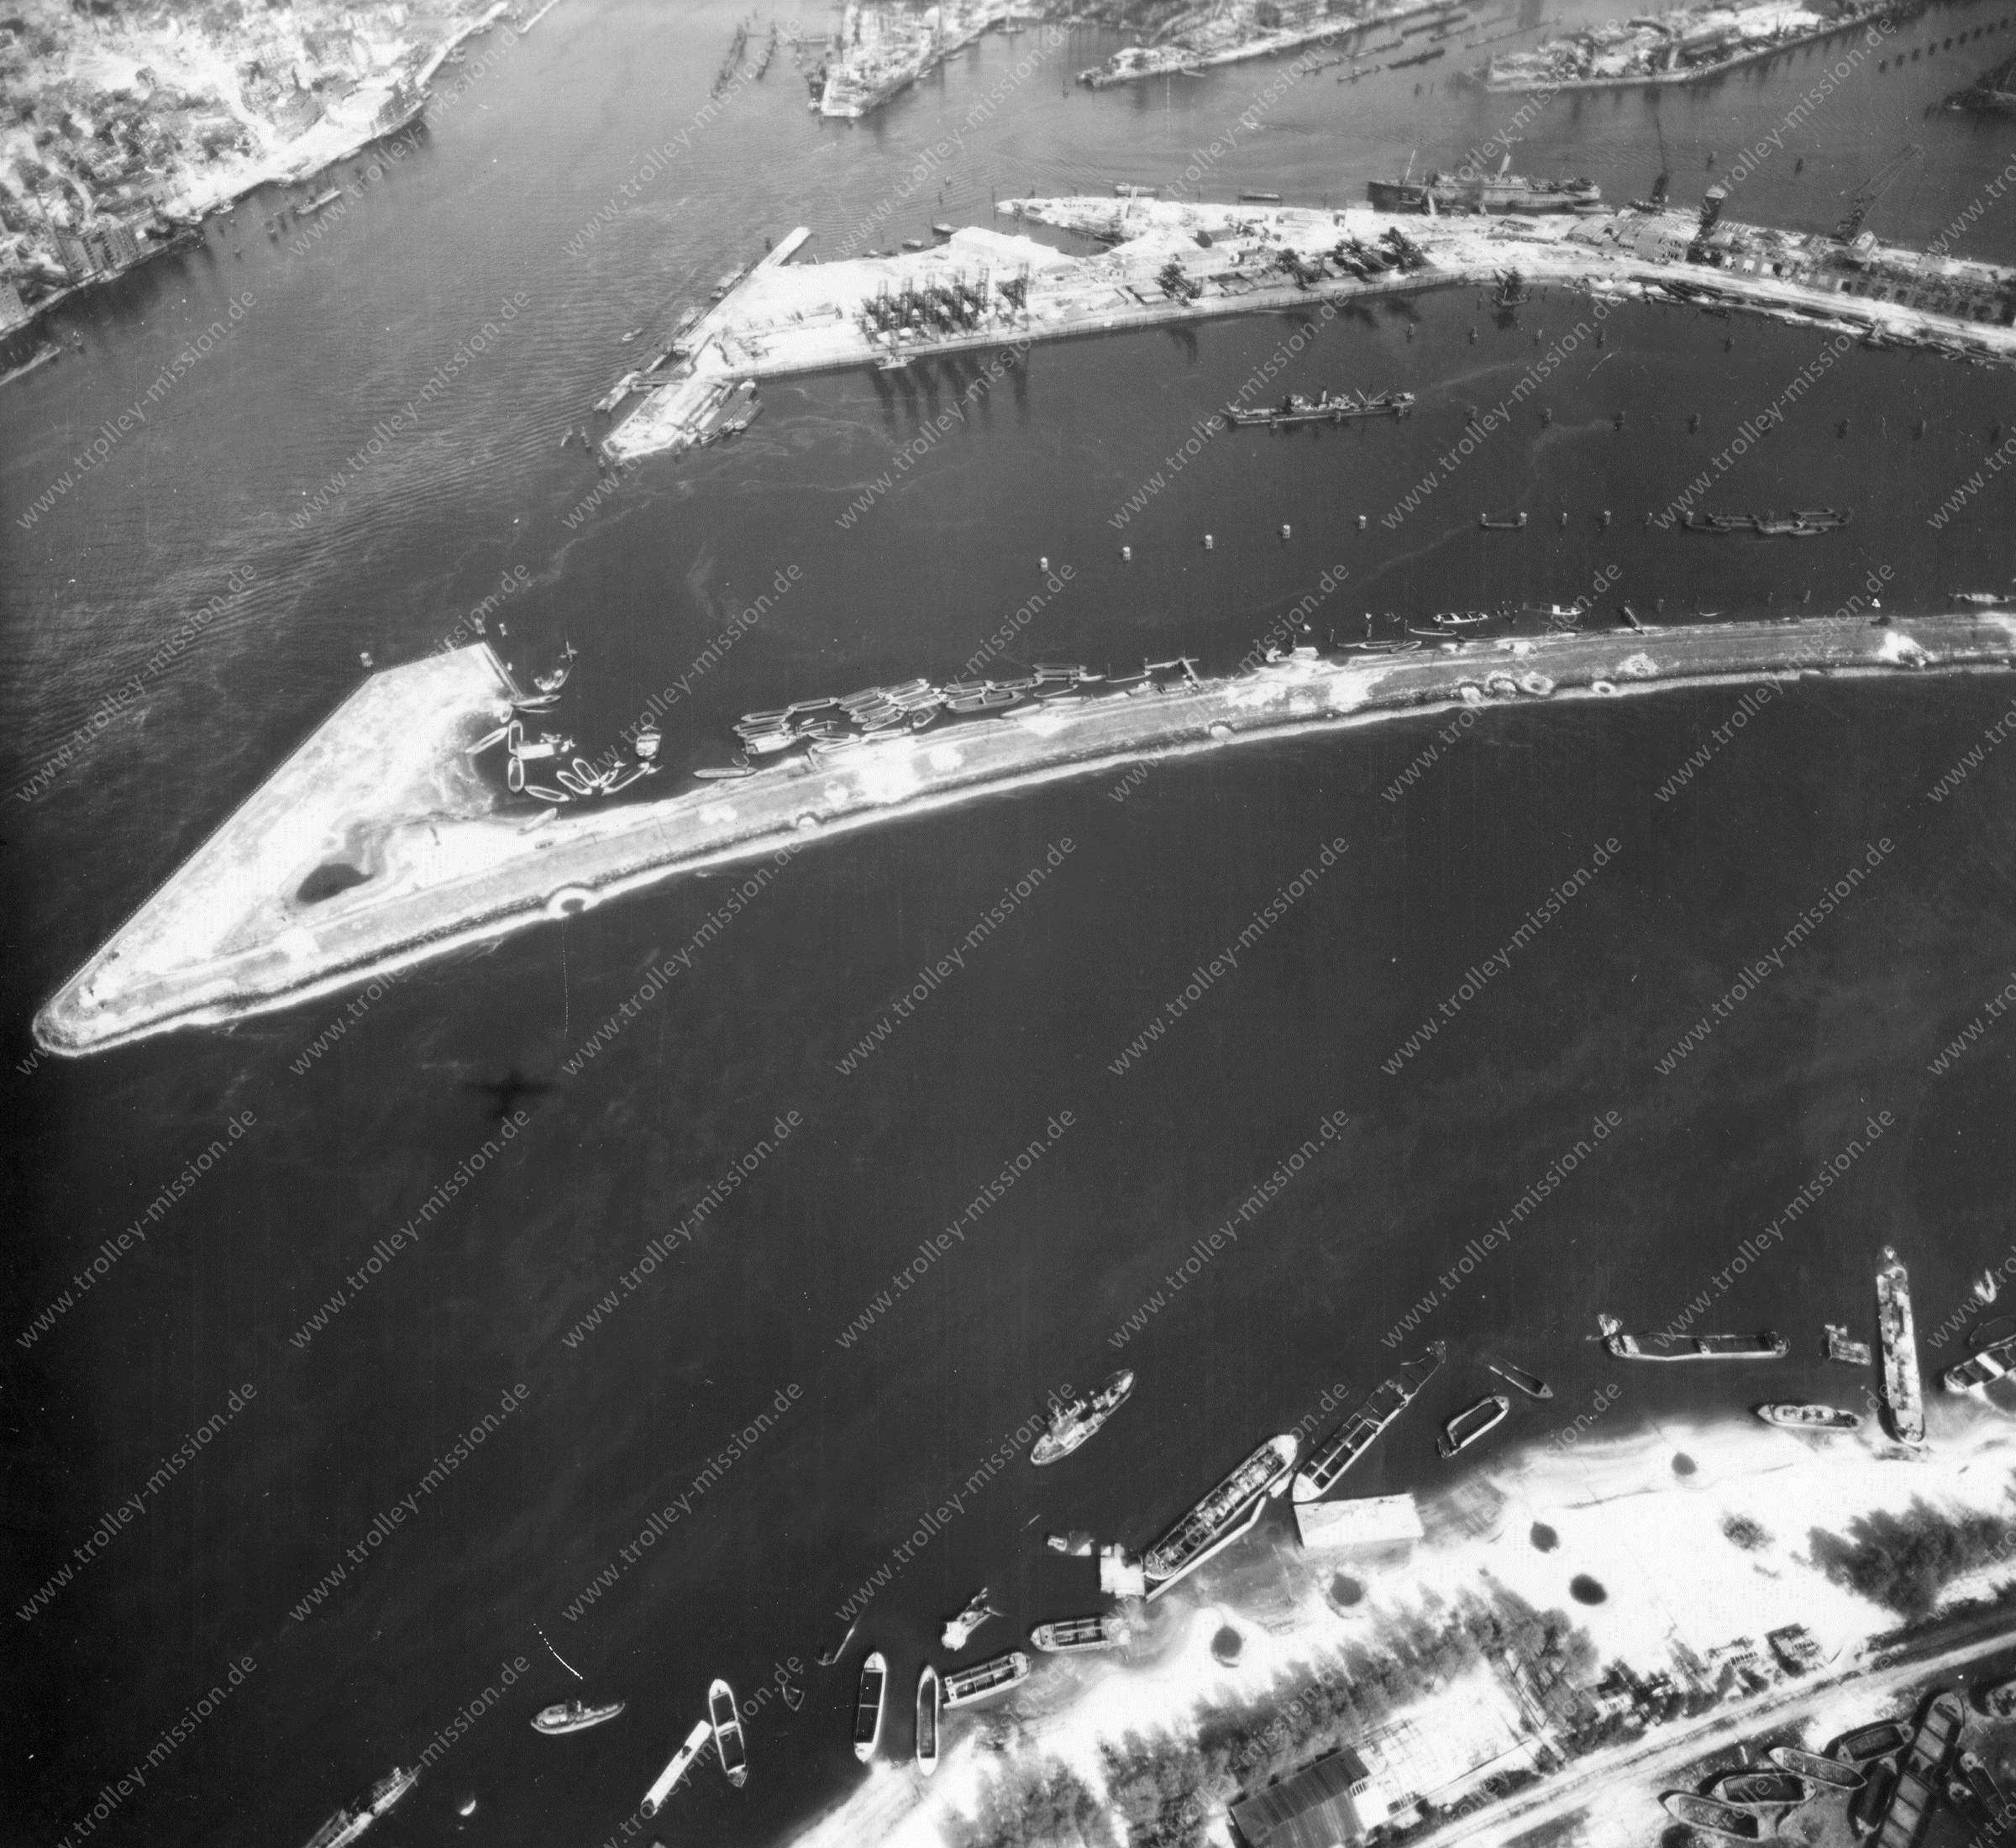 Luftbild von Hamburg und Hafen am 12. Mai 1945 - Luftbildserie 7/19 der US Air Force